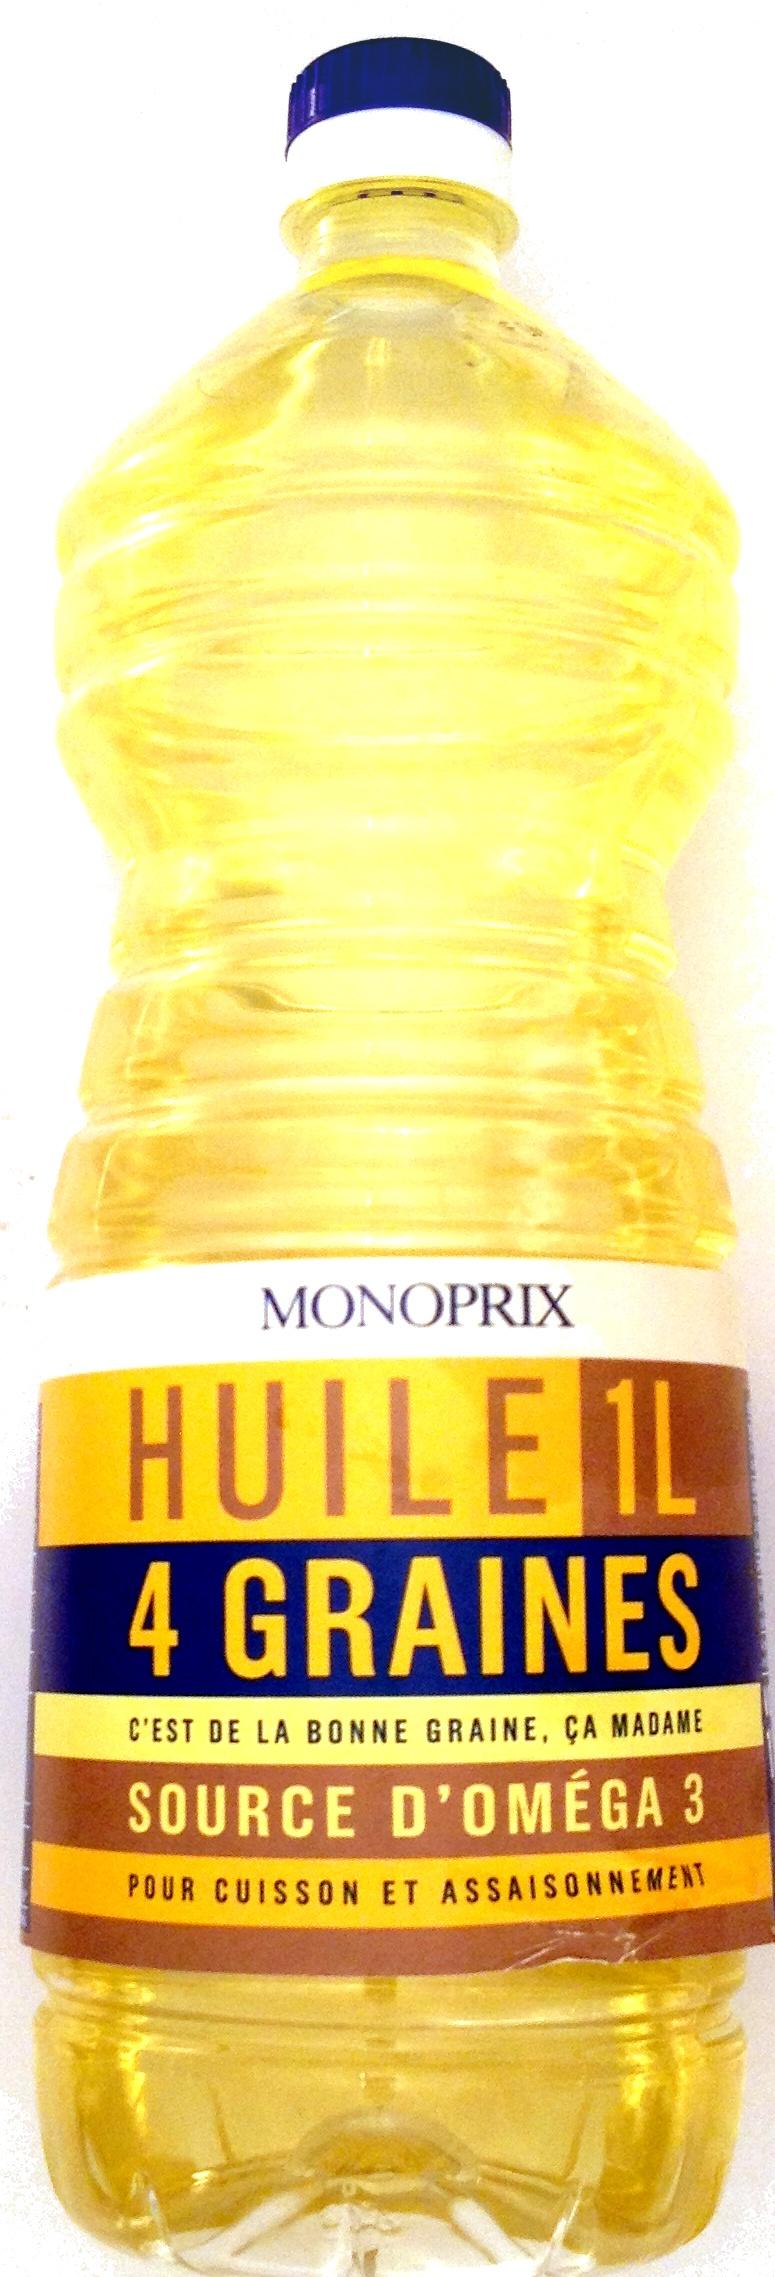 huile colza monoprix